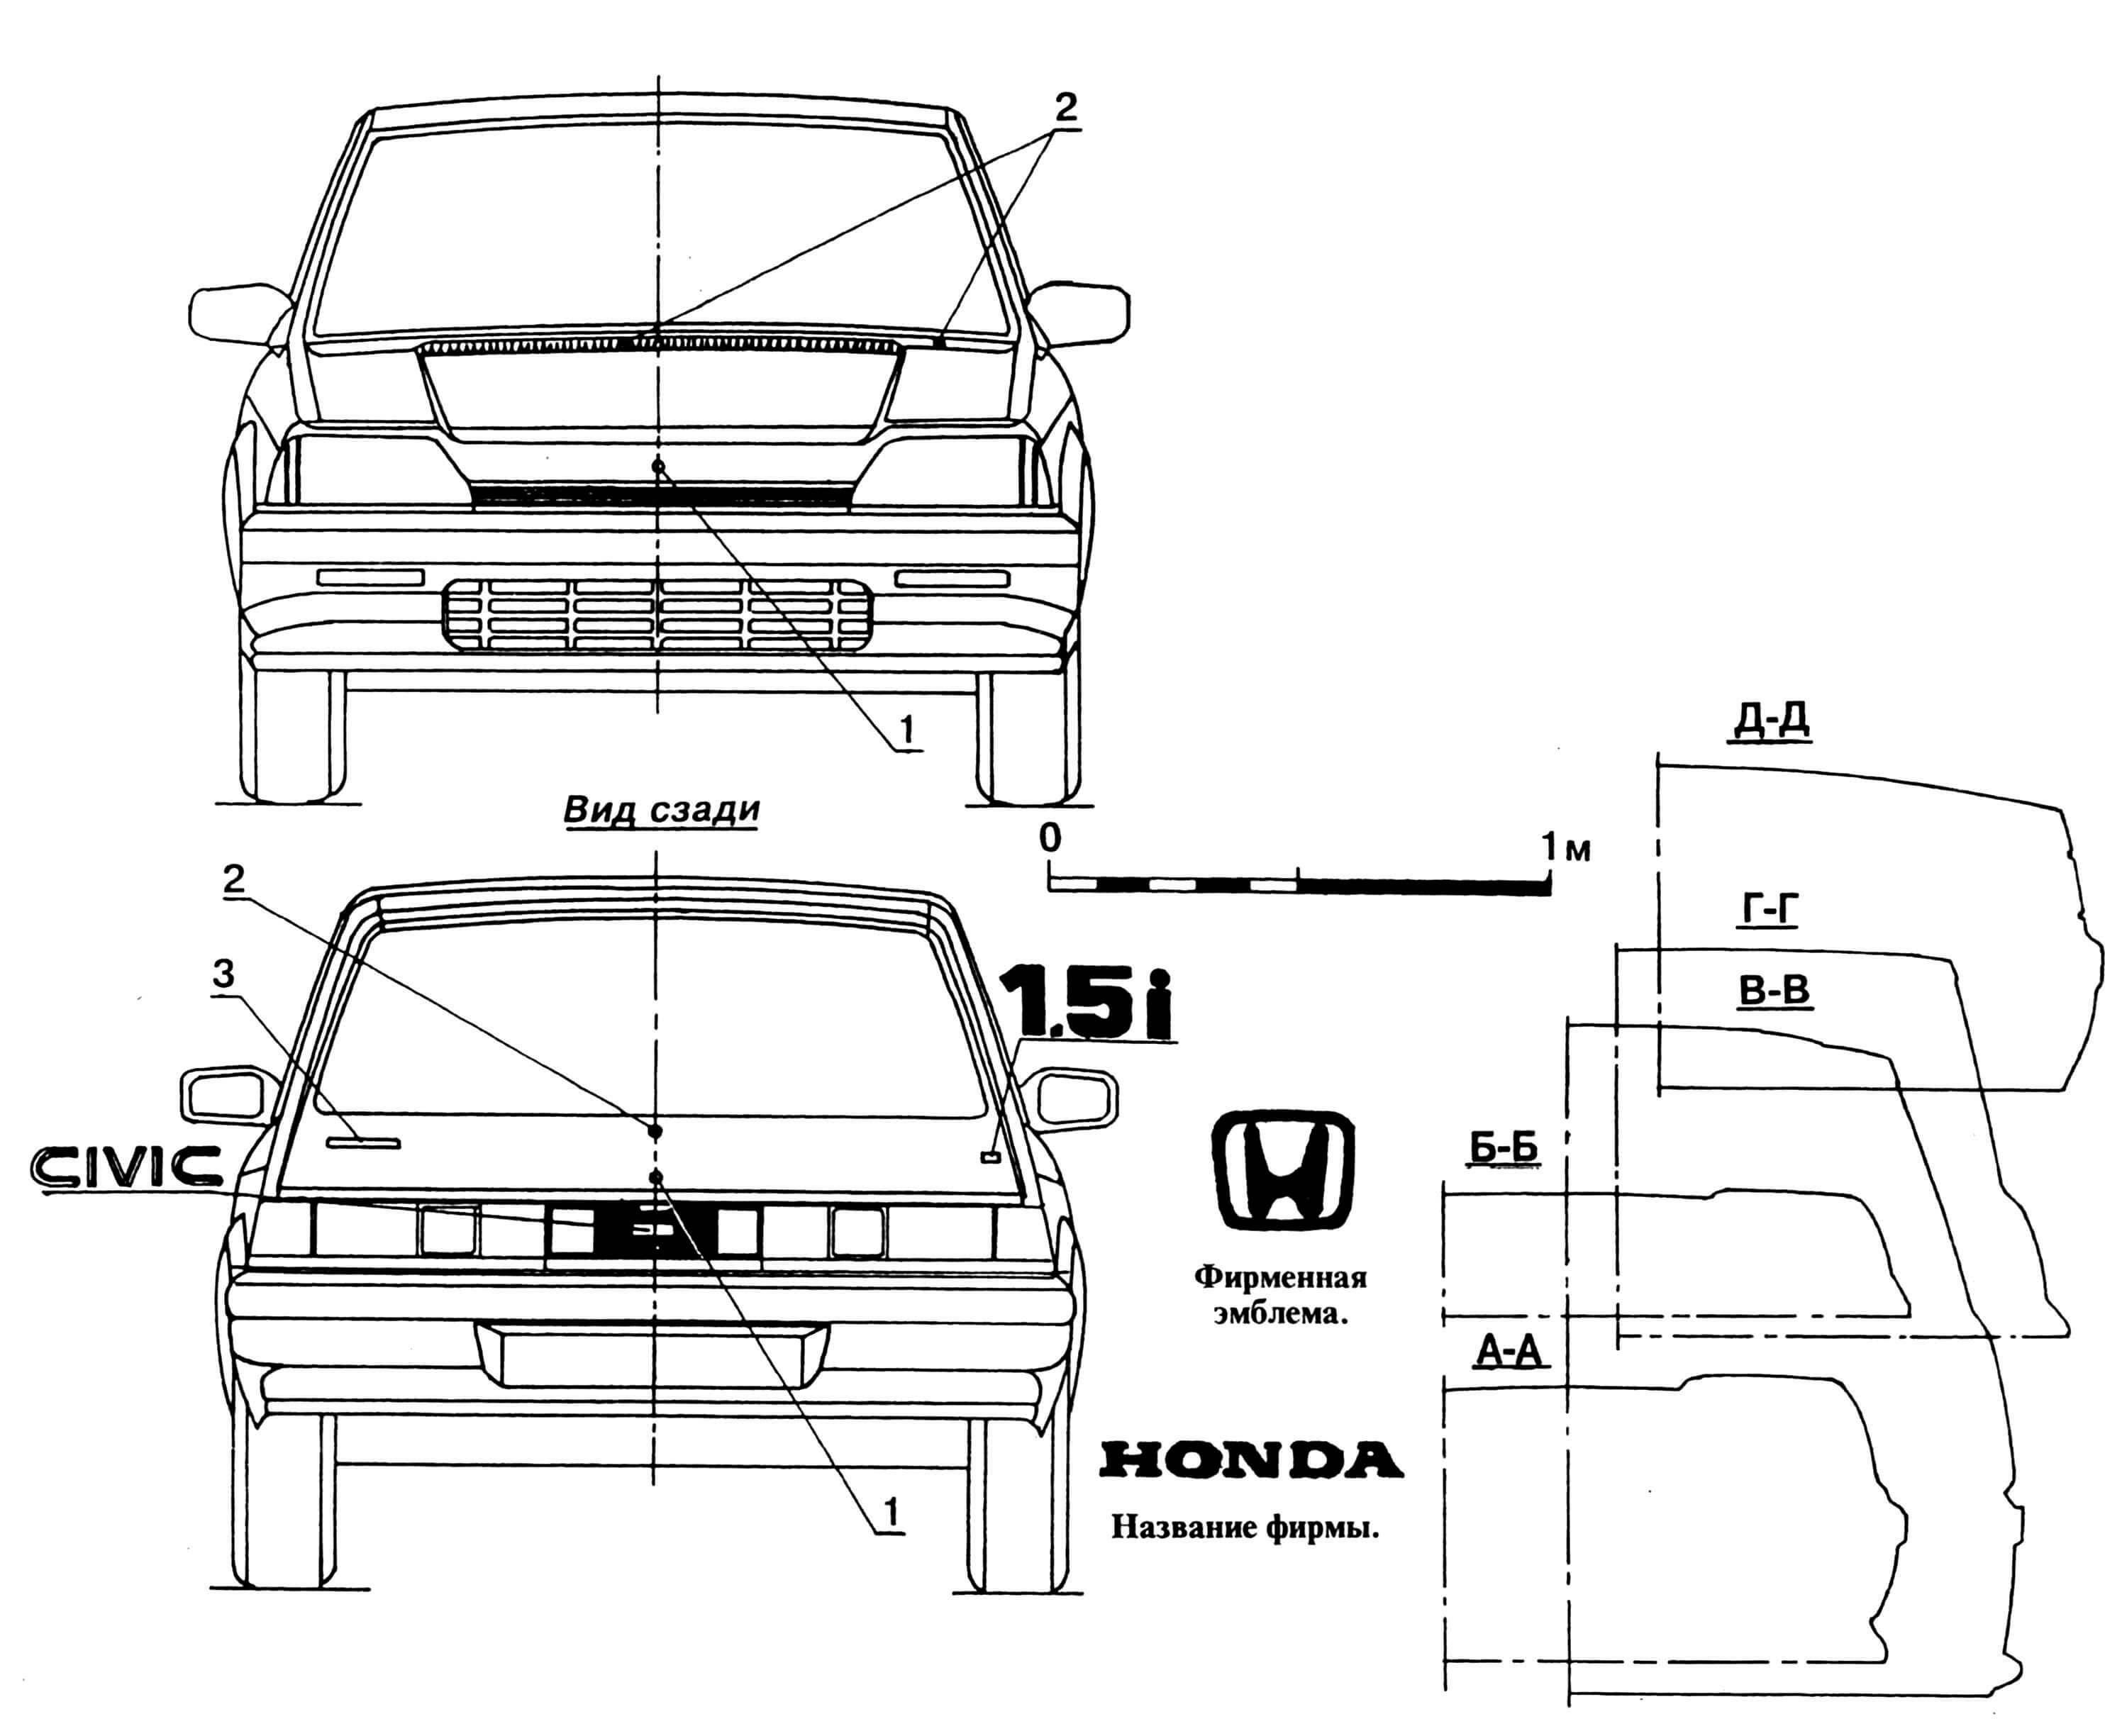 HONDA CIVIC GTI: 1 — фирменная эмблема, 2 — узлы крепления стеклоочистителей, 3 — название фирмы.